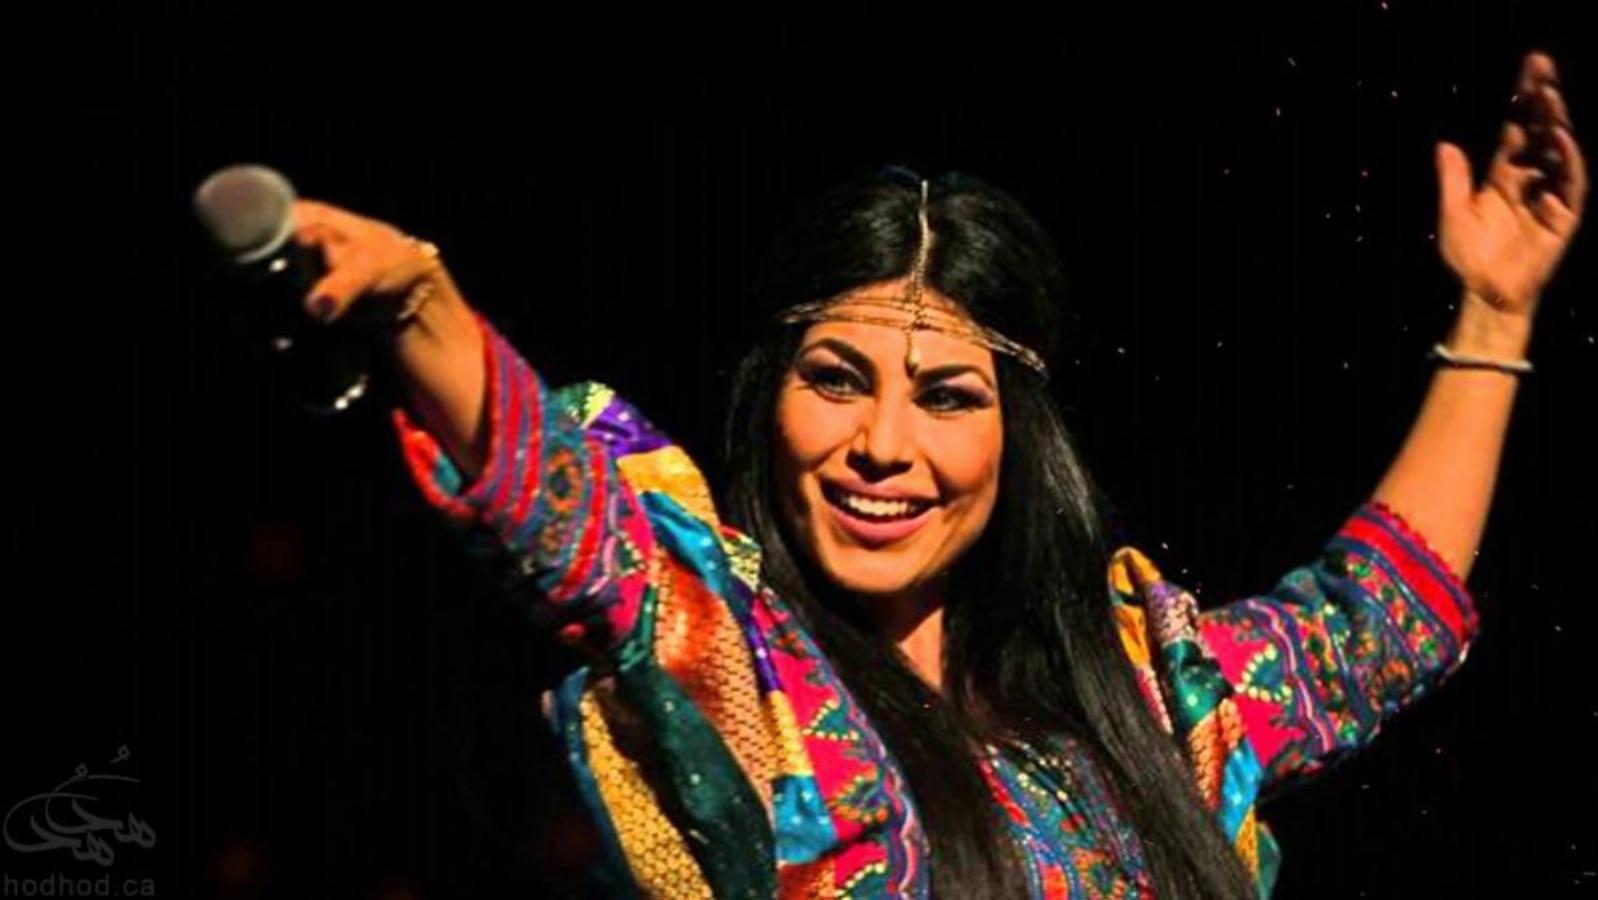 آریانا سعید، خواننده، آهنگساز و ترانه سرا